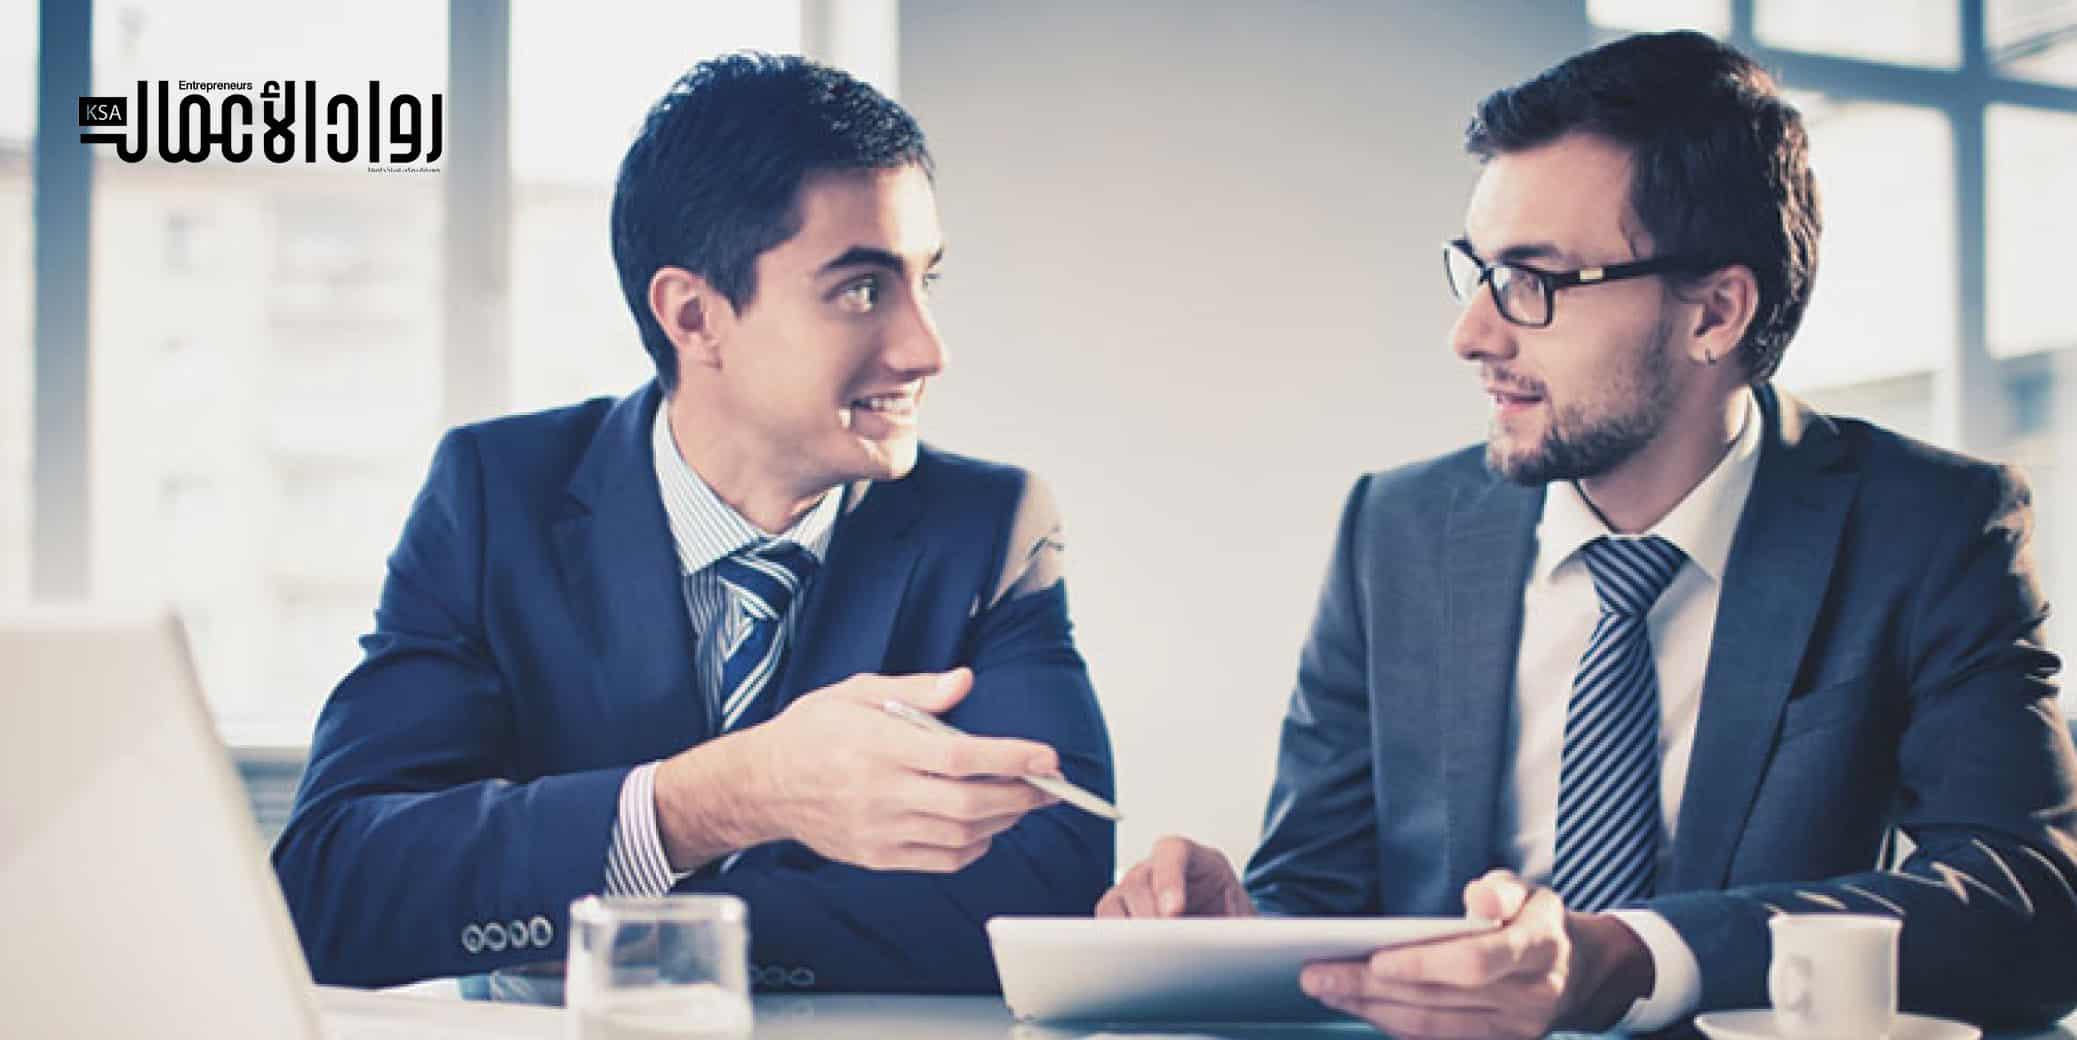 التعامل الإيجابي مع الموظفين